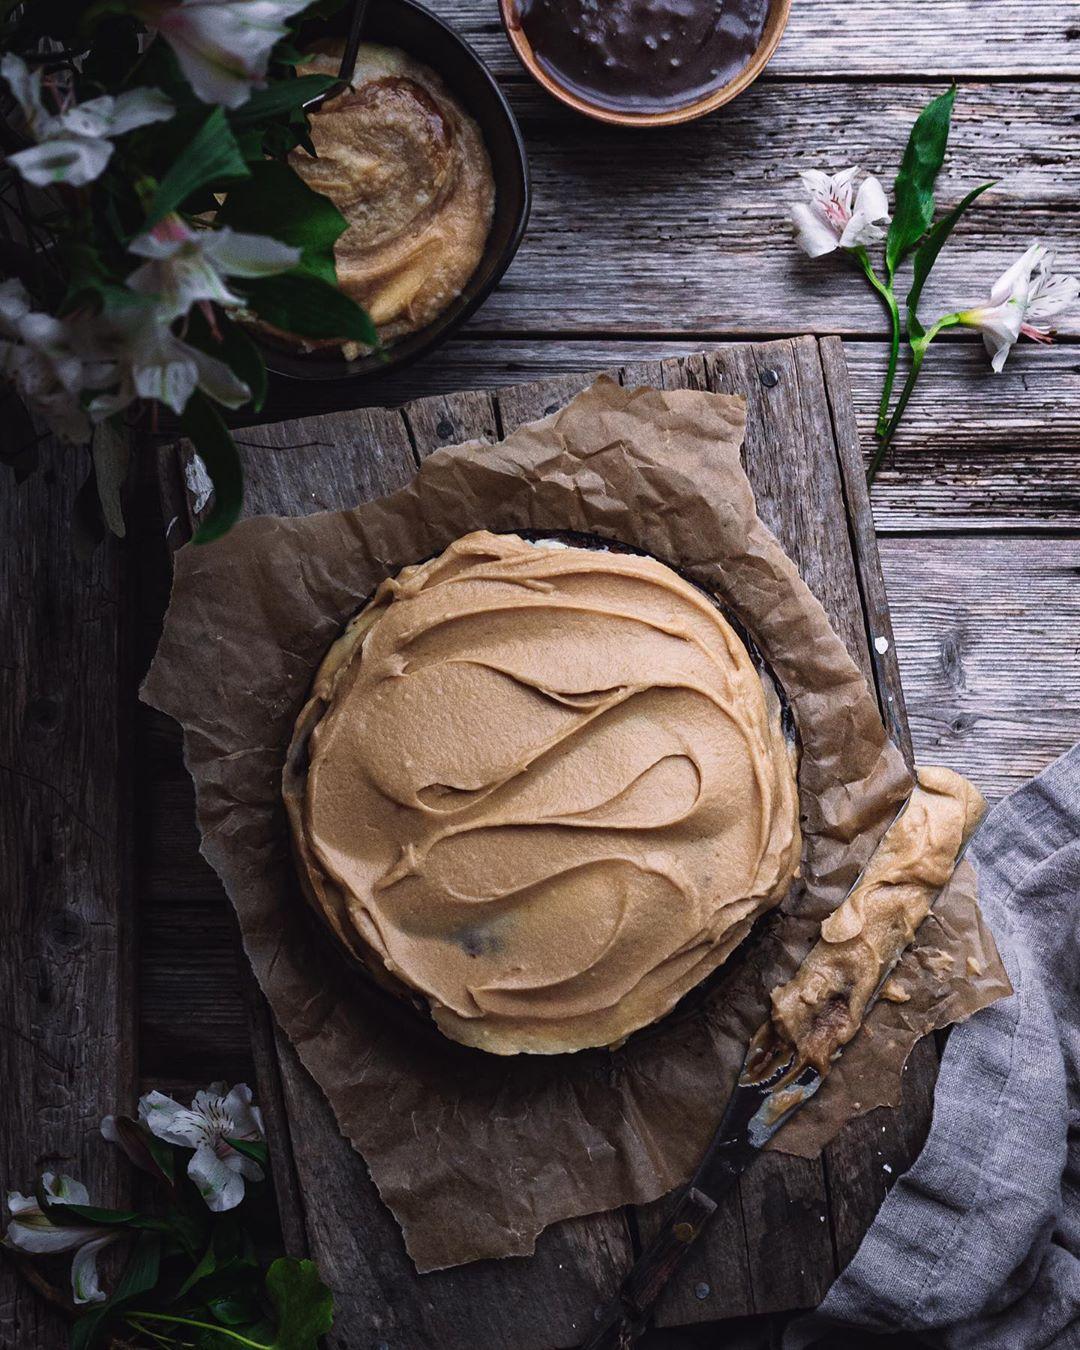 Textura de cobertura em bolo em camadas sobre papel pardo amassado e pranchas de madeira rústica